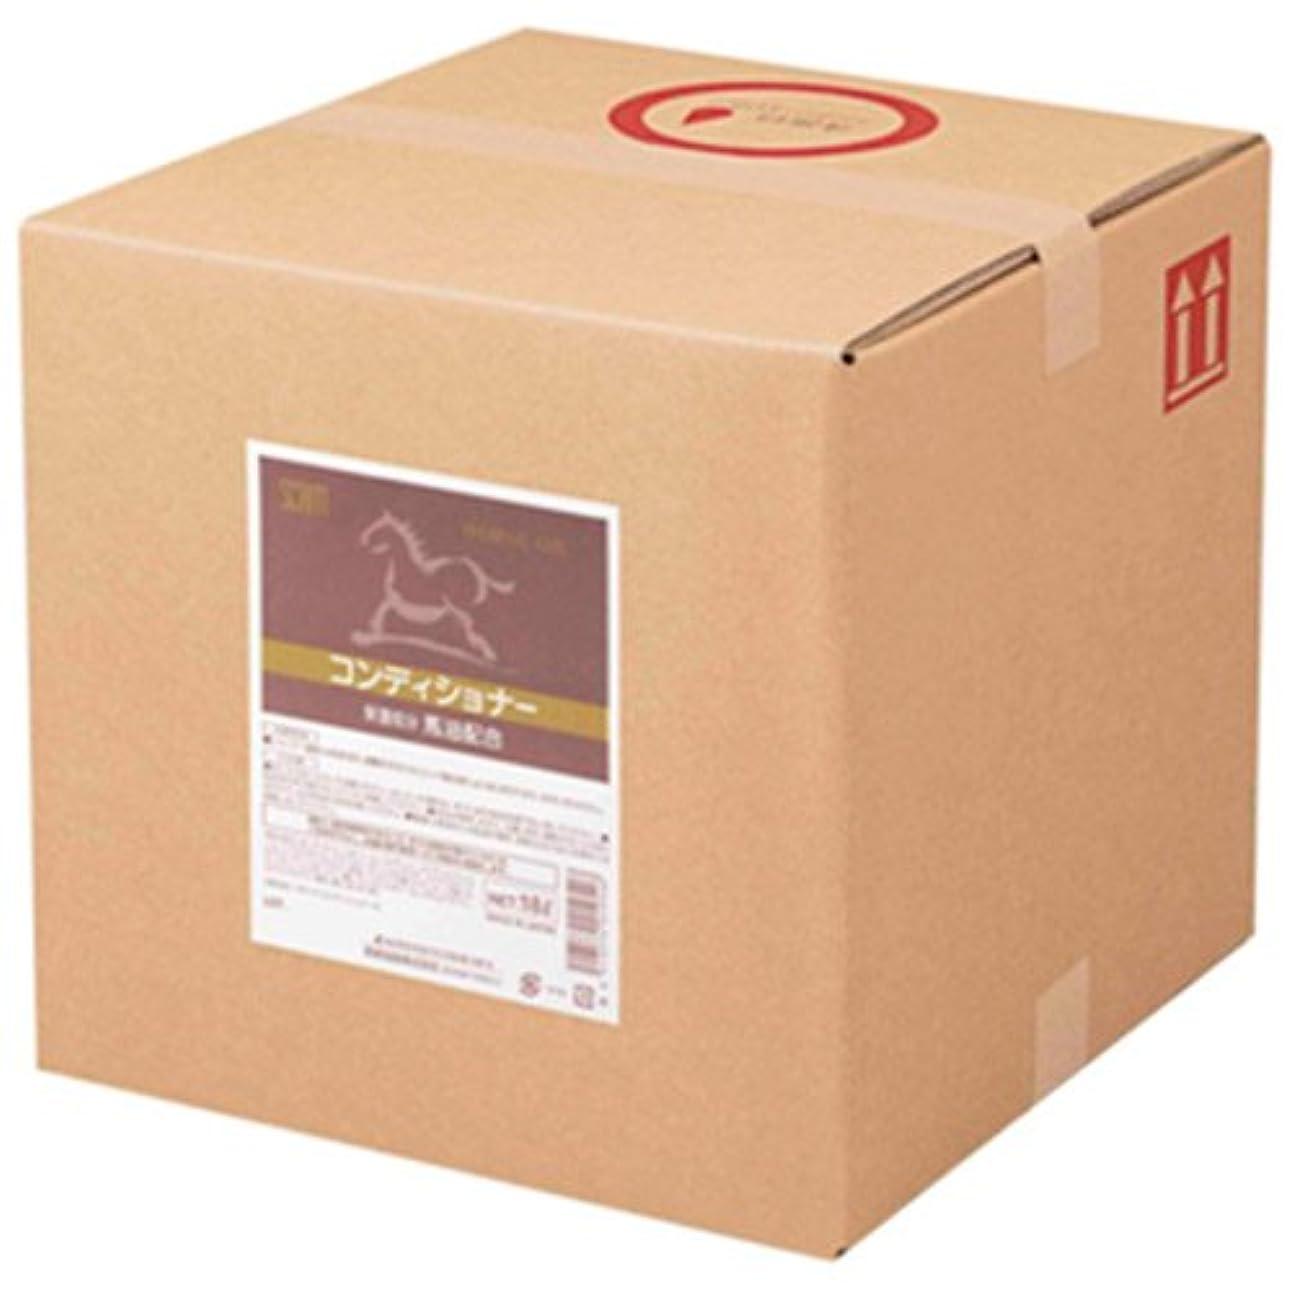 観察知覚的家畜熊野油脂 業務用 SCRITT(スクリット) 馬油コンディショナー 18L